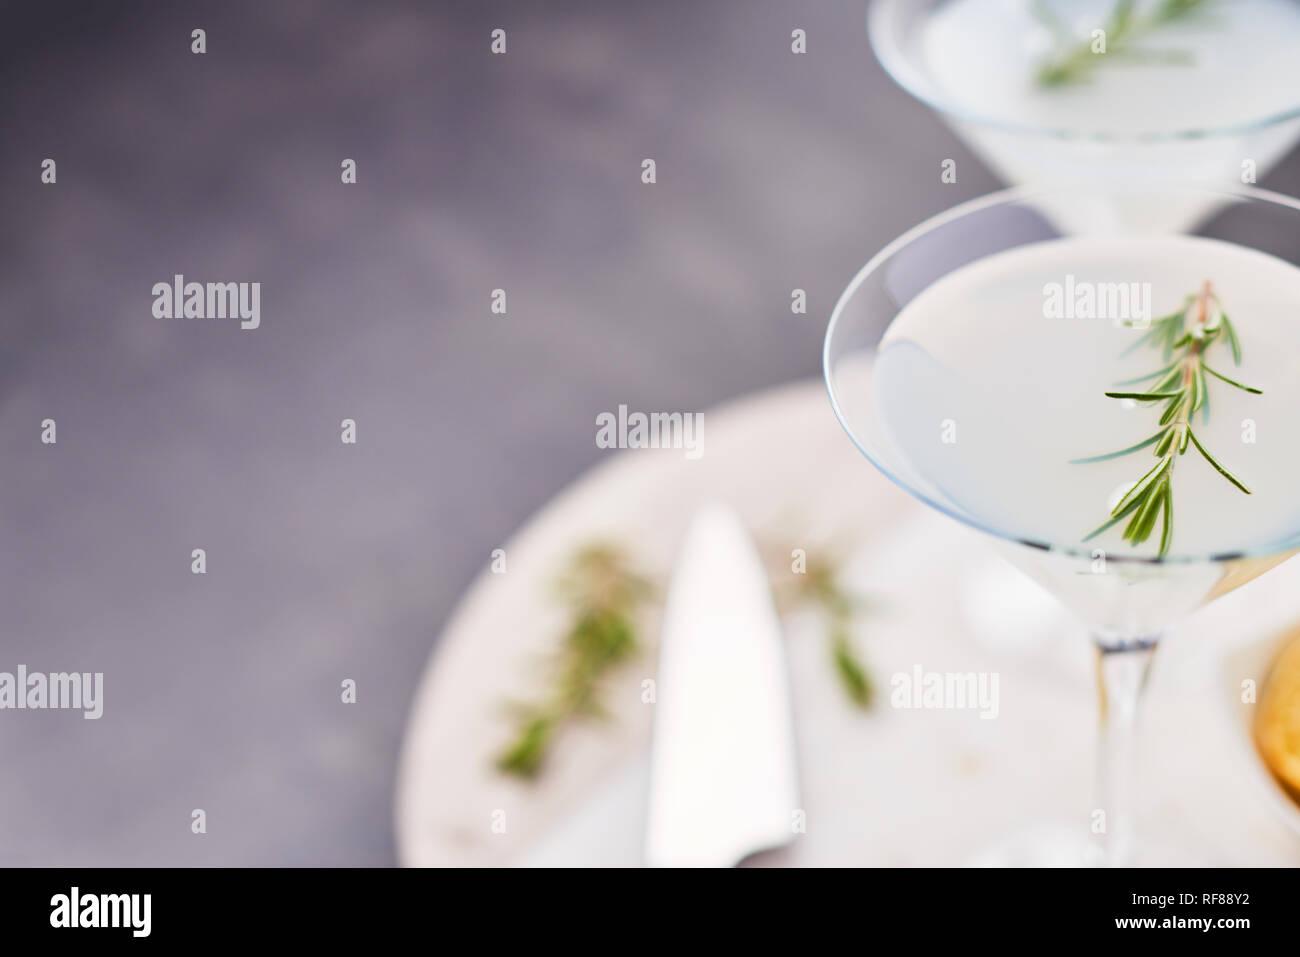 Boisson d'été. D'été rafraîchissante margarita cocktail sans alcool de romarin et d'agrumes ou pétillant de gin et de limonade sur table béton foncé. Cop Banque D'Images